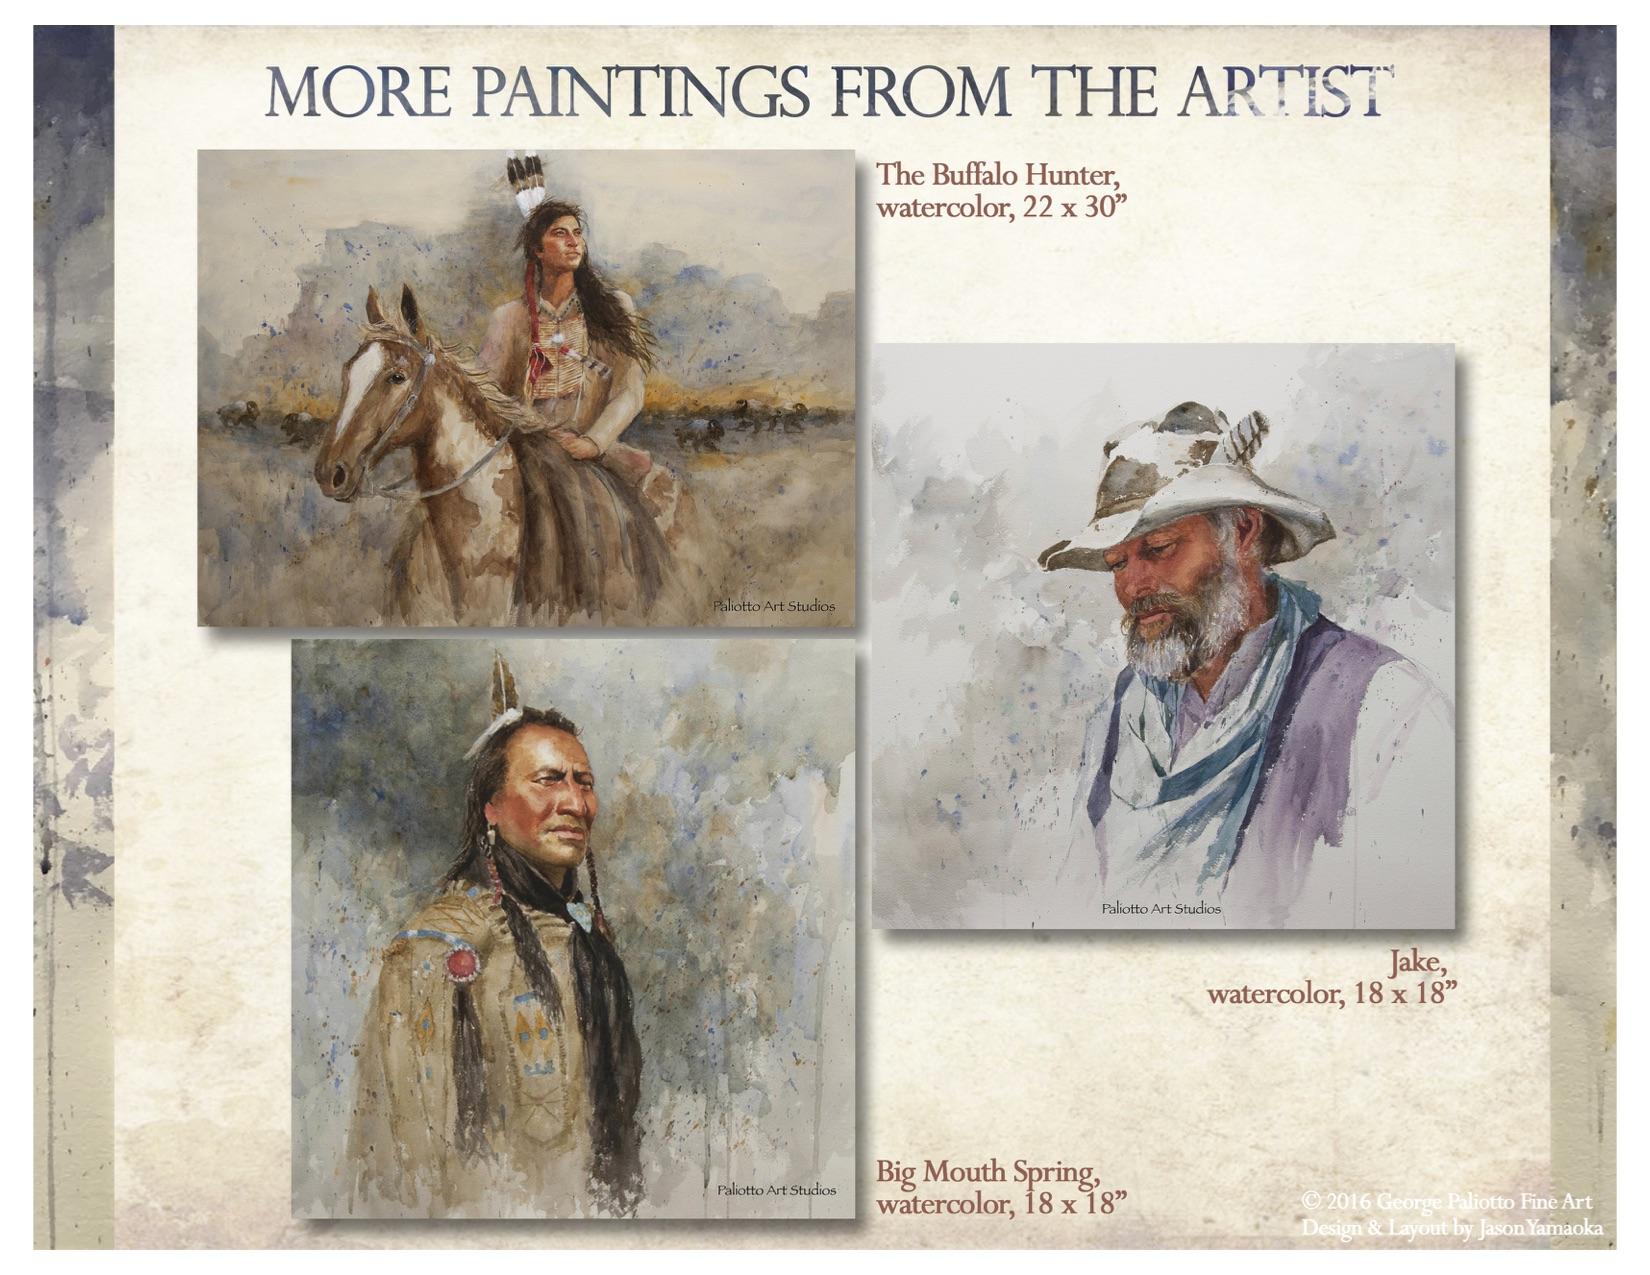 Brochure - George Paliotto Brochure 5.jpg